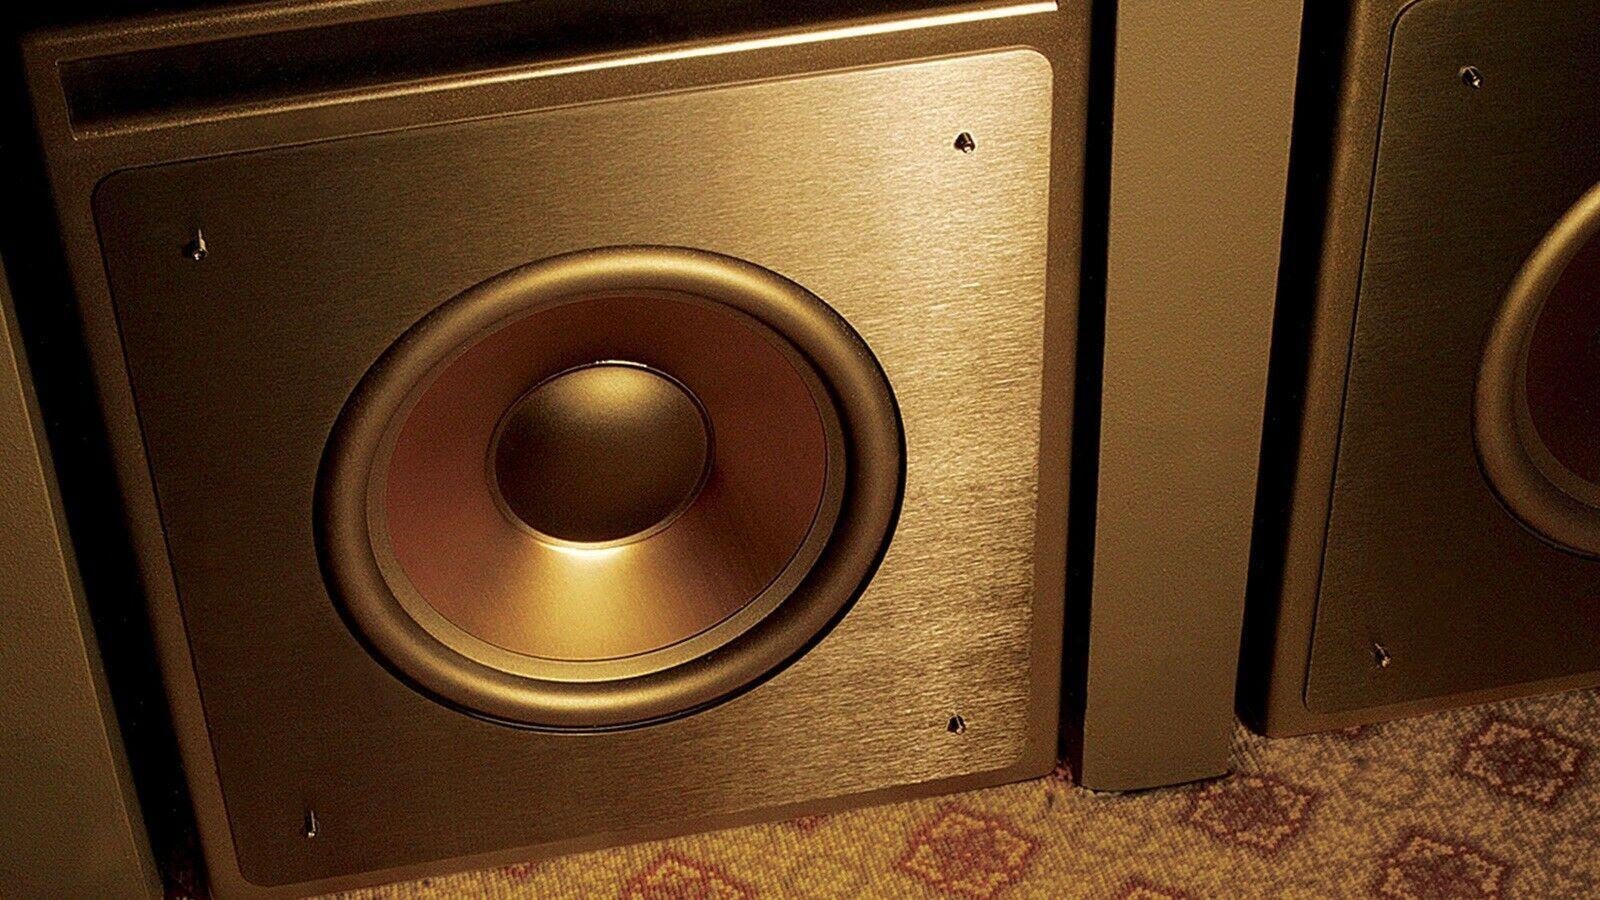 klipsch kw 120 thx passive subwoofer for klipsch ka 1000 thx amplifier ultra2 home speakers. Black Bedroom Furniture Sets. Home Design Ideas